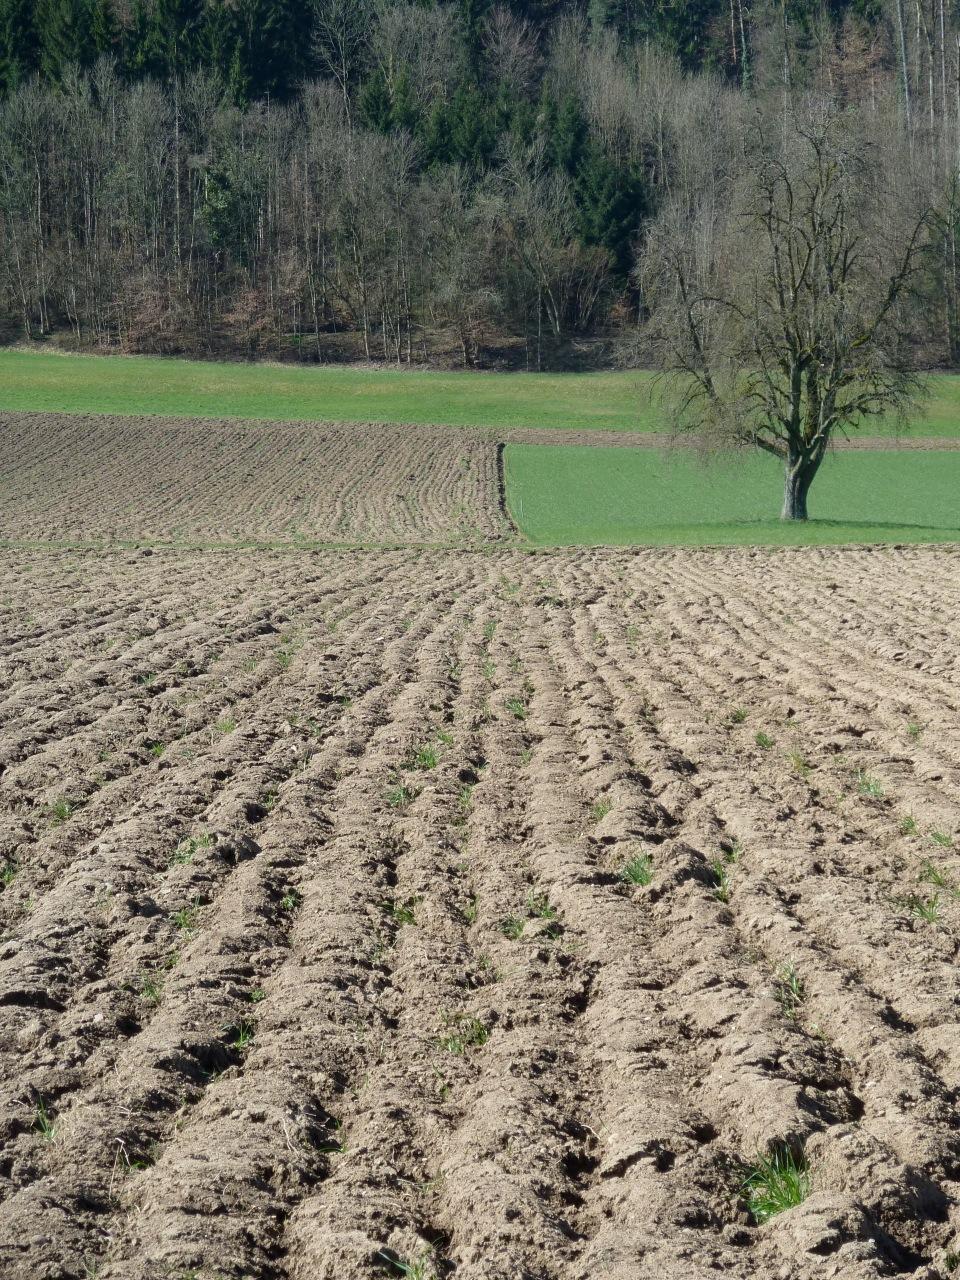 Uzh geographisches institut bodenkunde und biogeochemie for Soil information in english